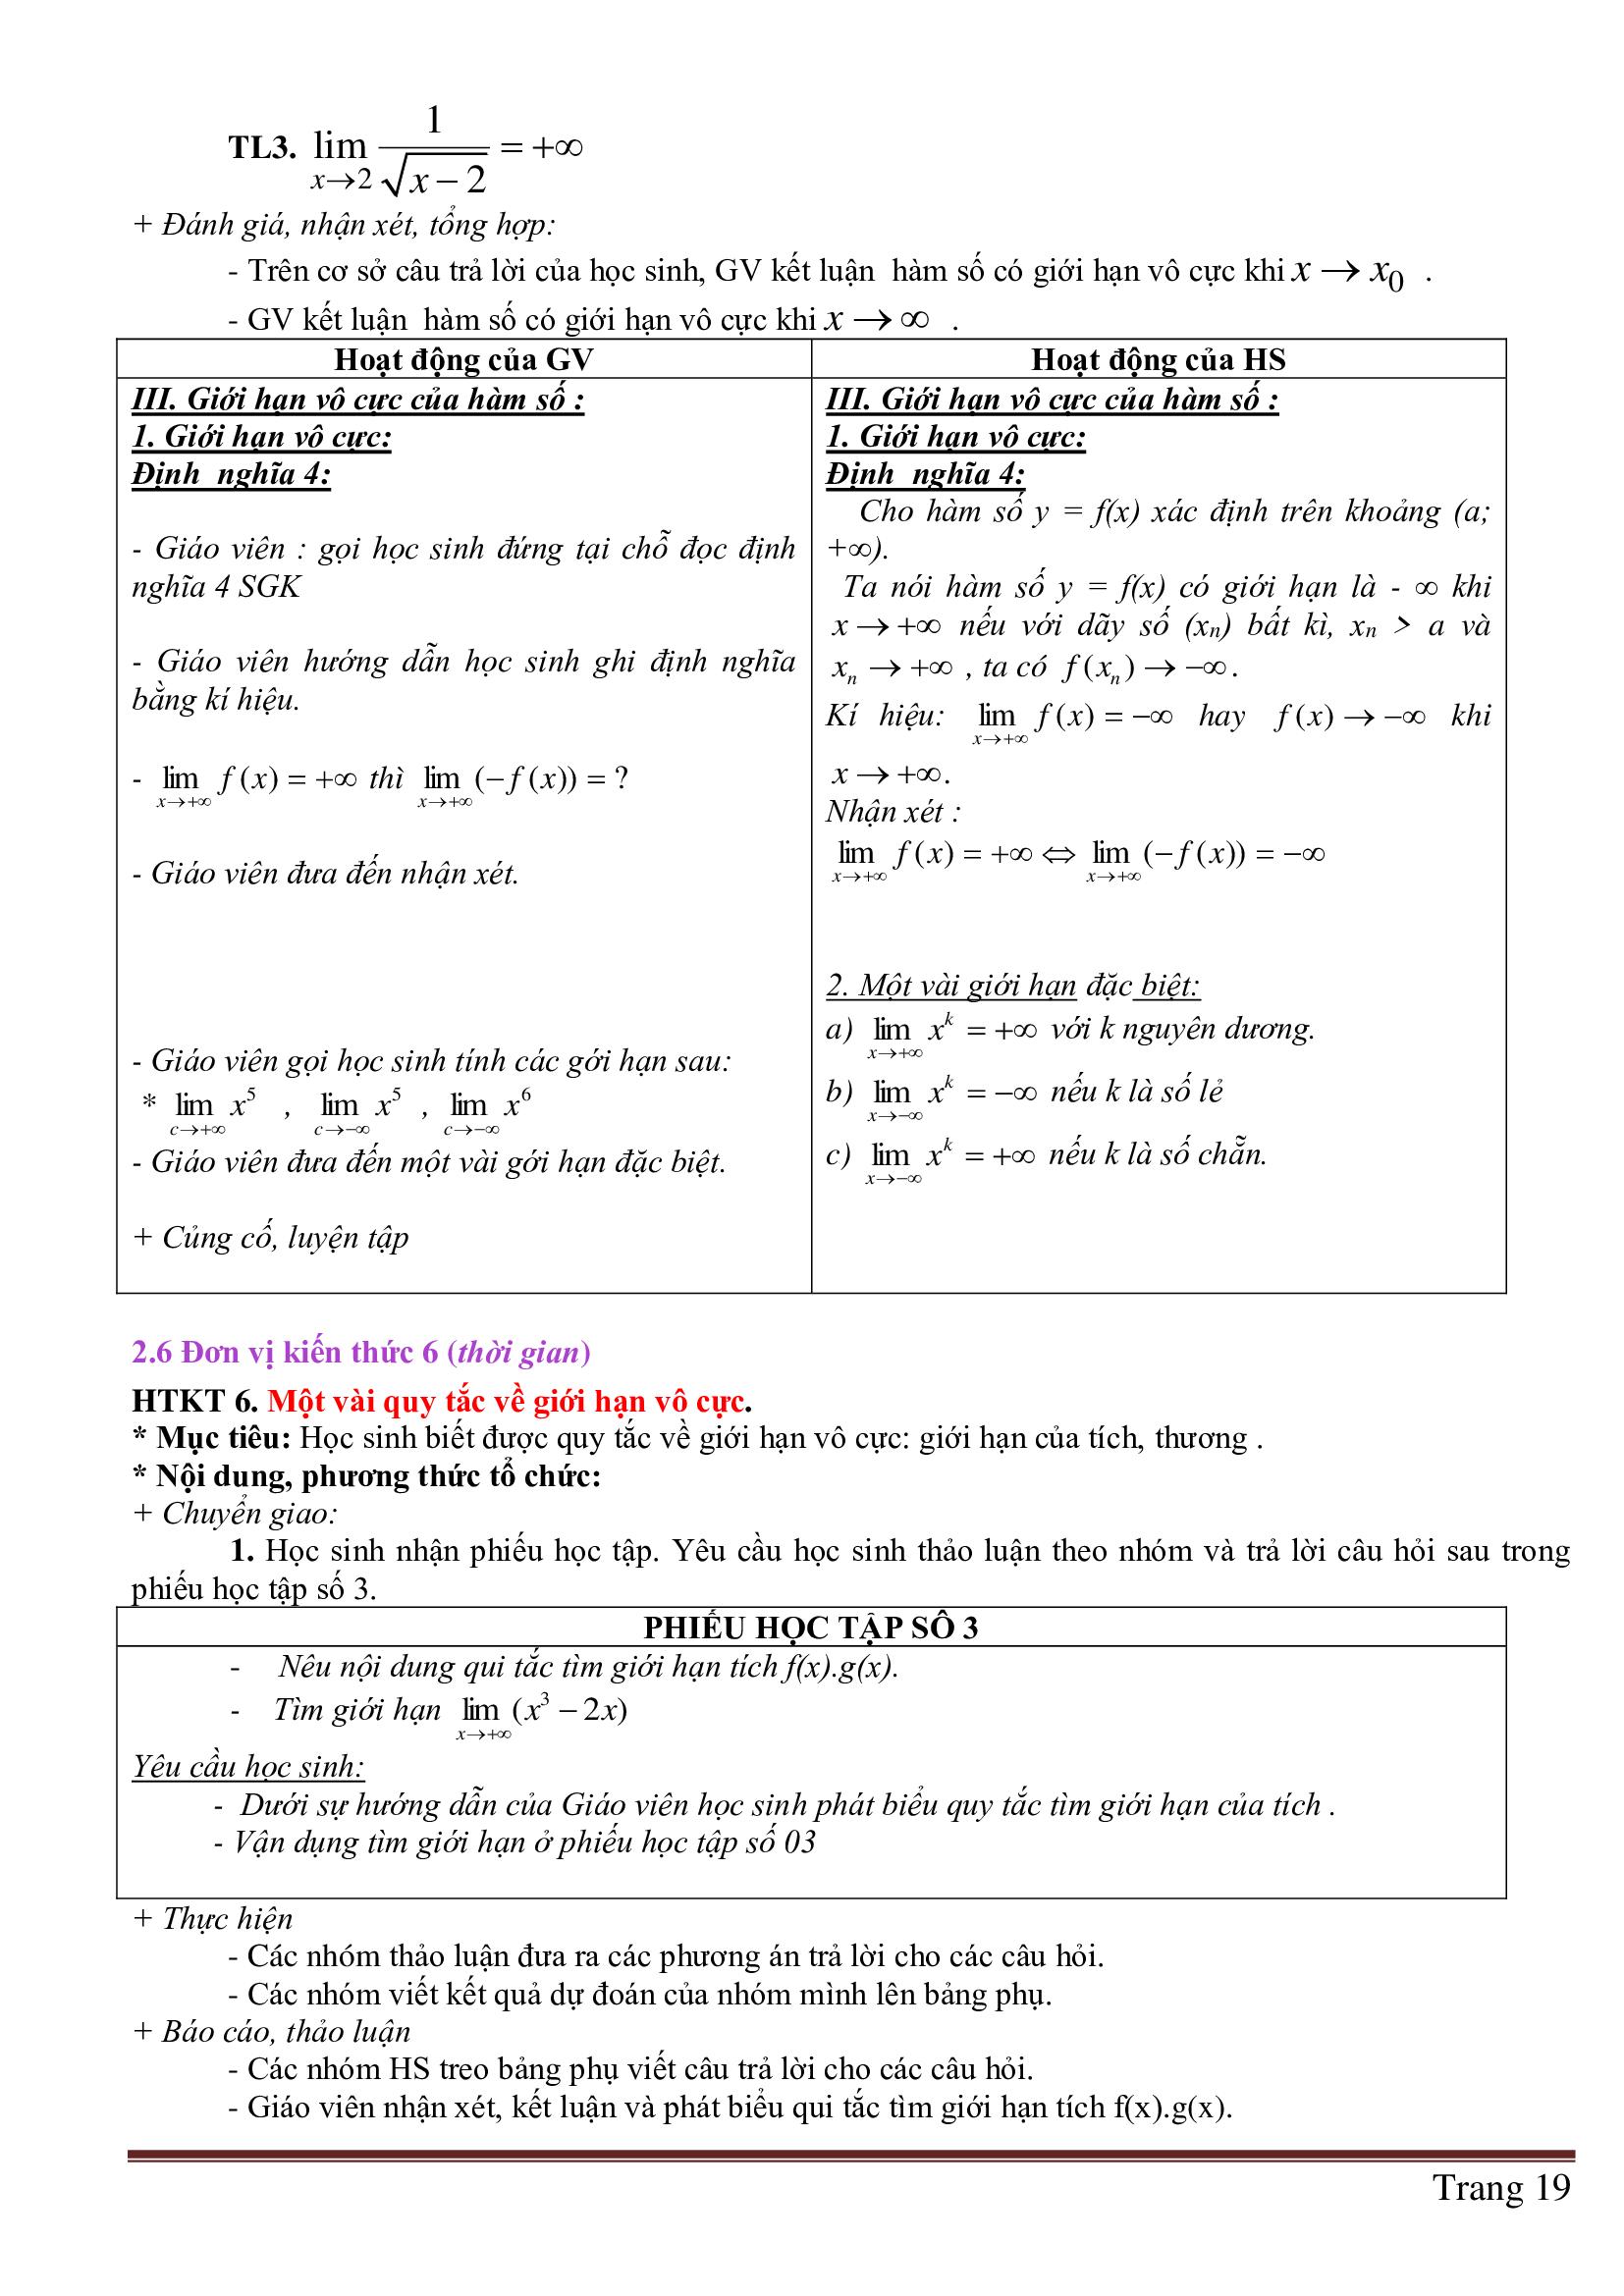 Tài liệu Giáo Án Toán 11 HK2 Đại Số chương trình mới - Phần 1 full mới nhất